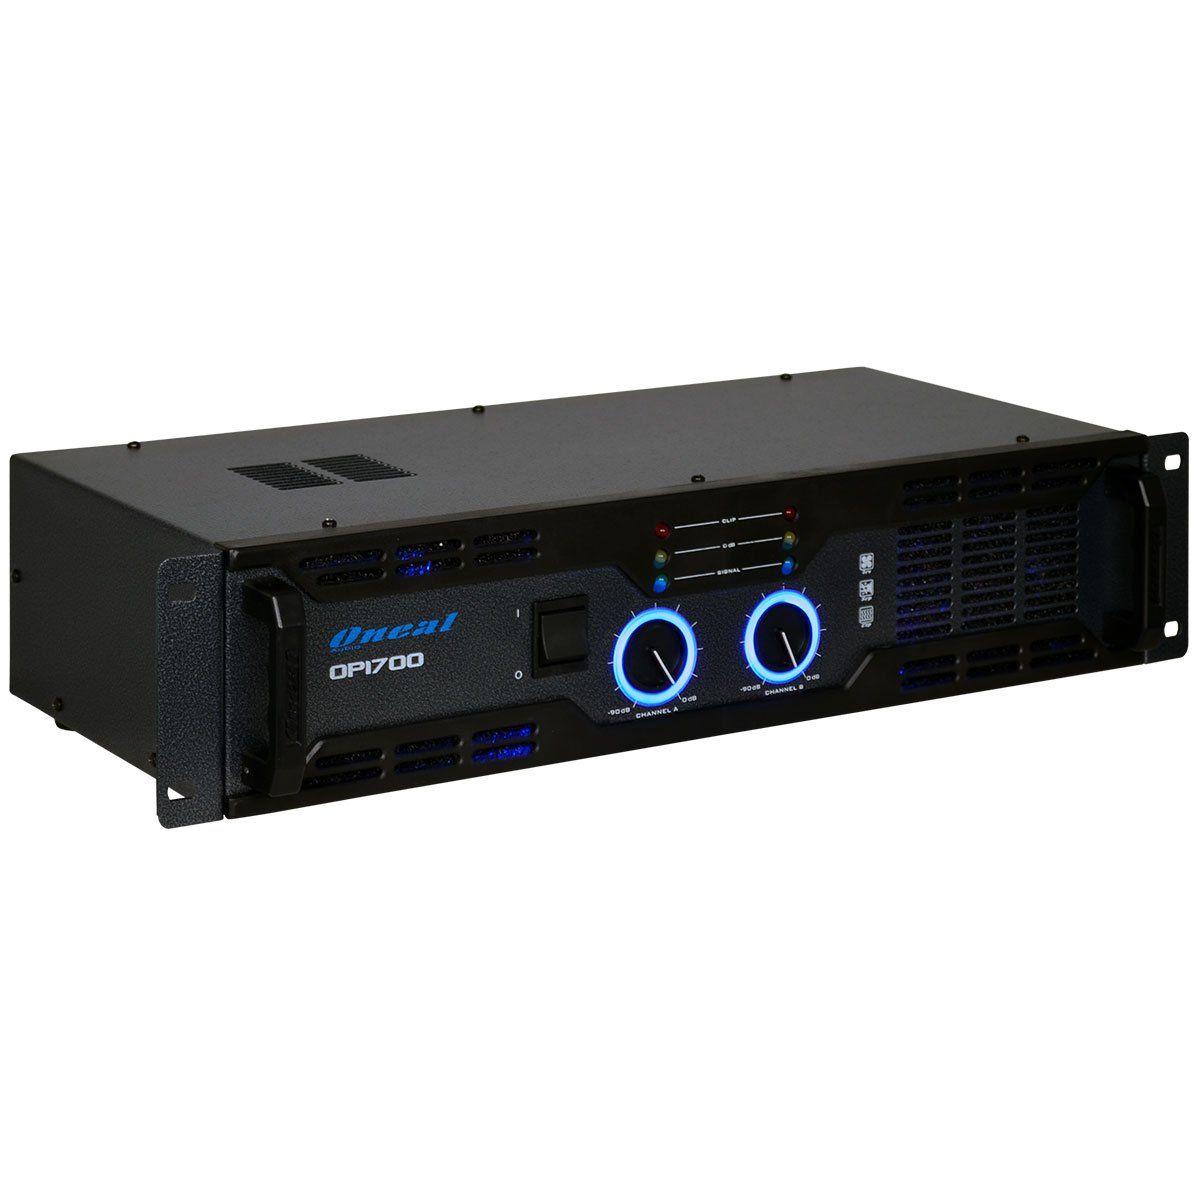 Amplificador De Potencia Oneal Op1700 220W Rms